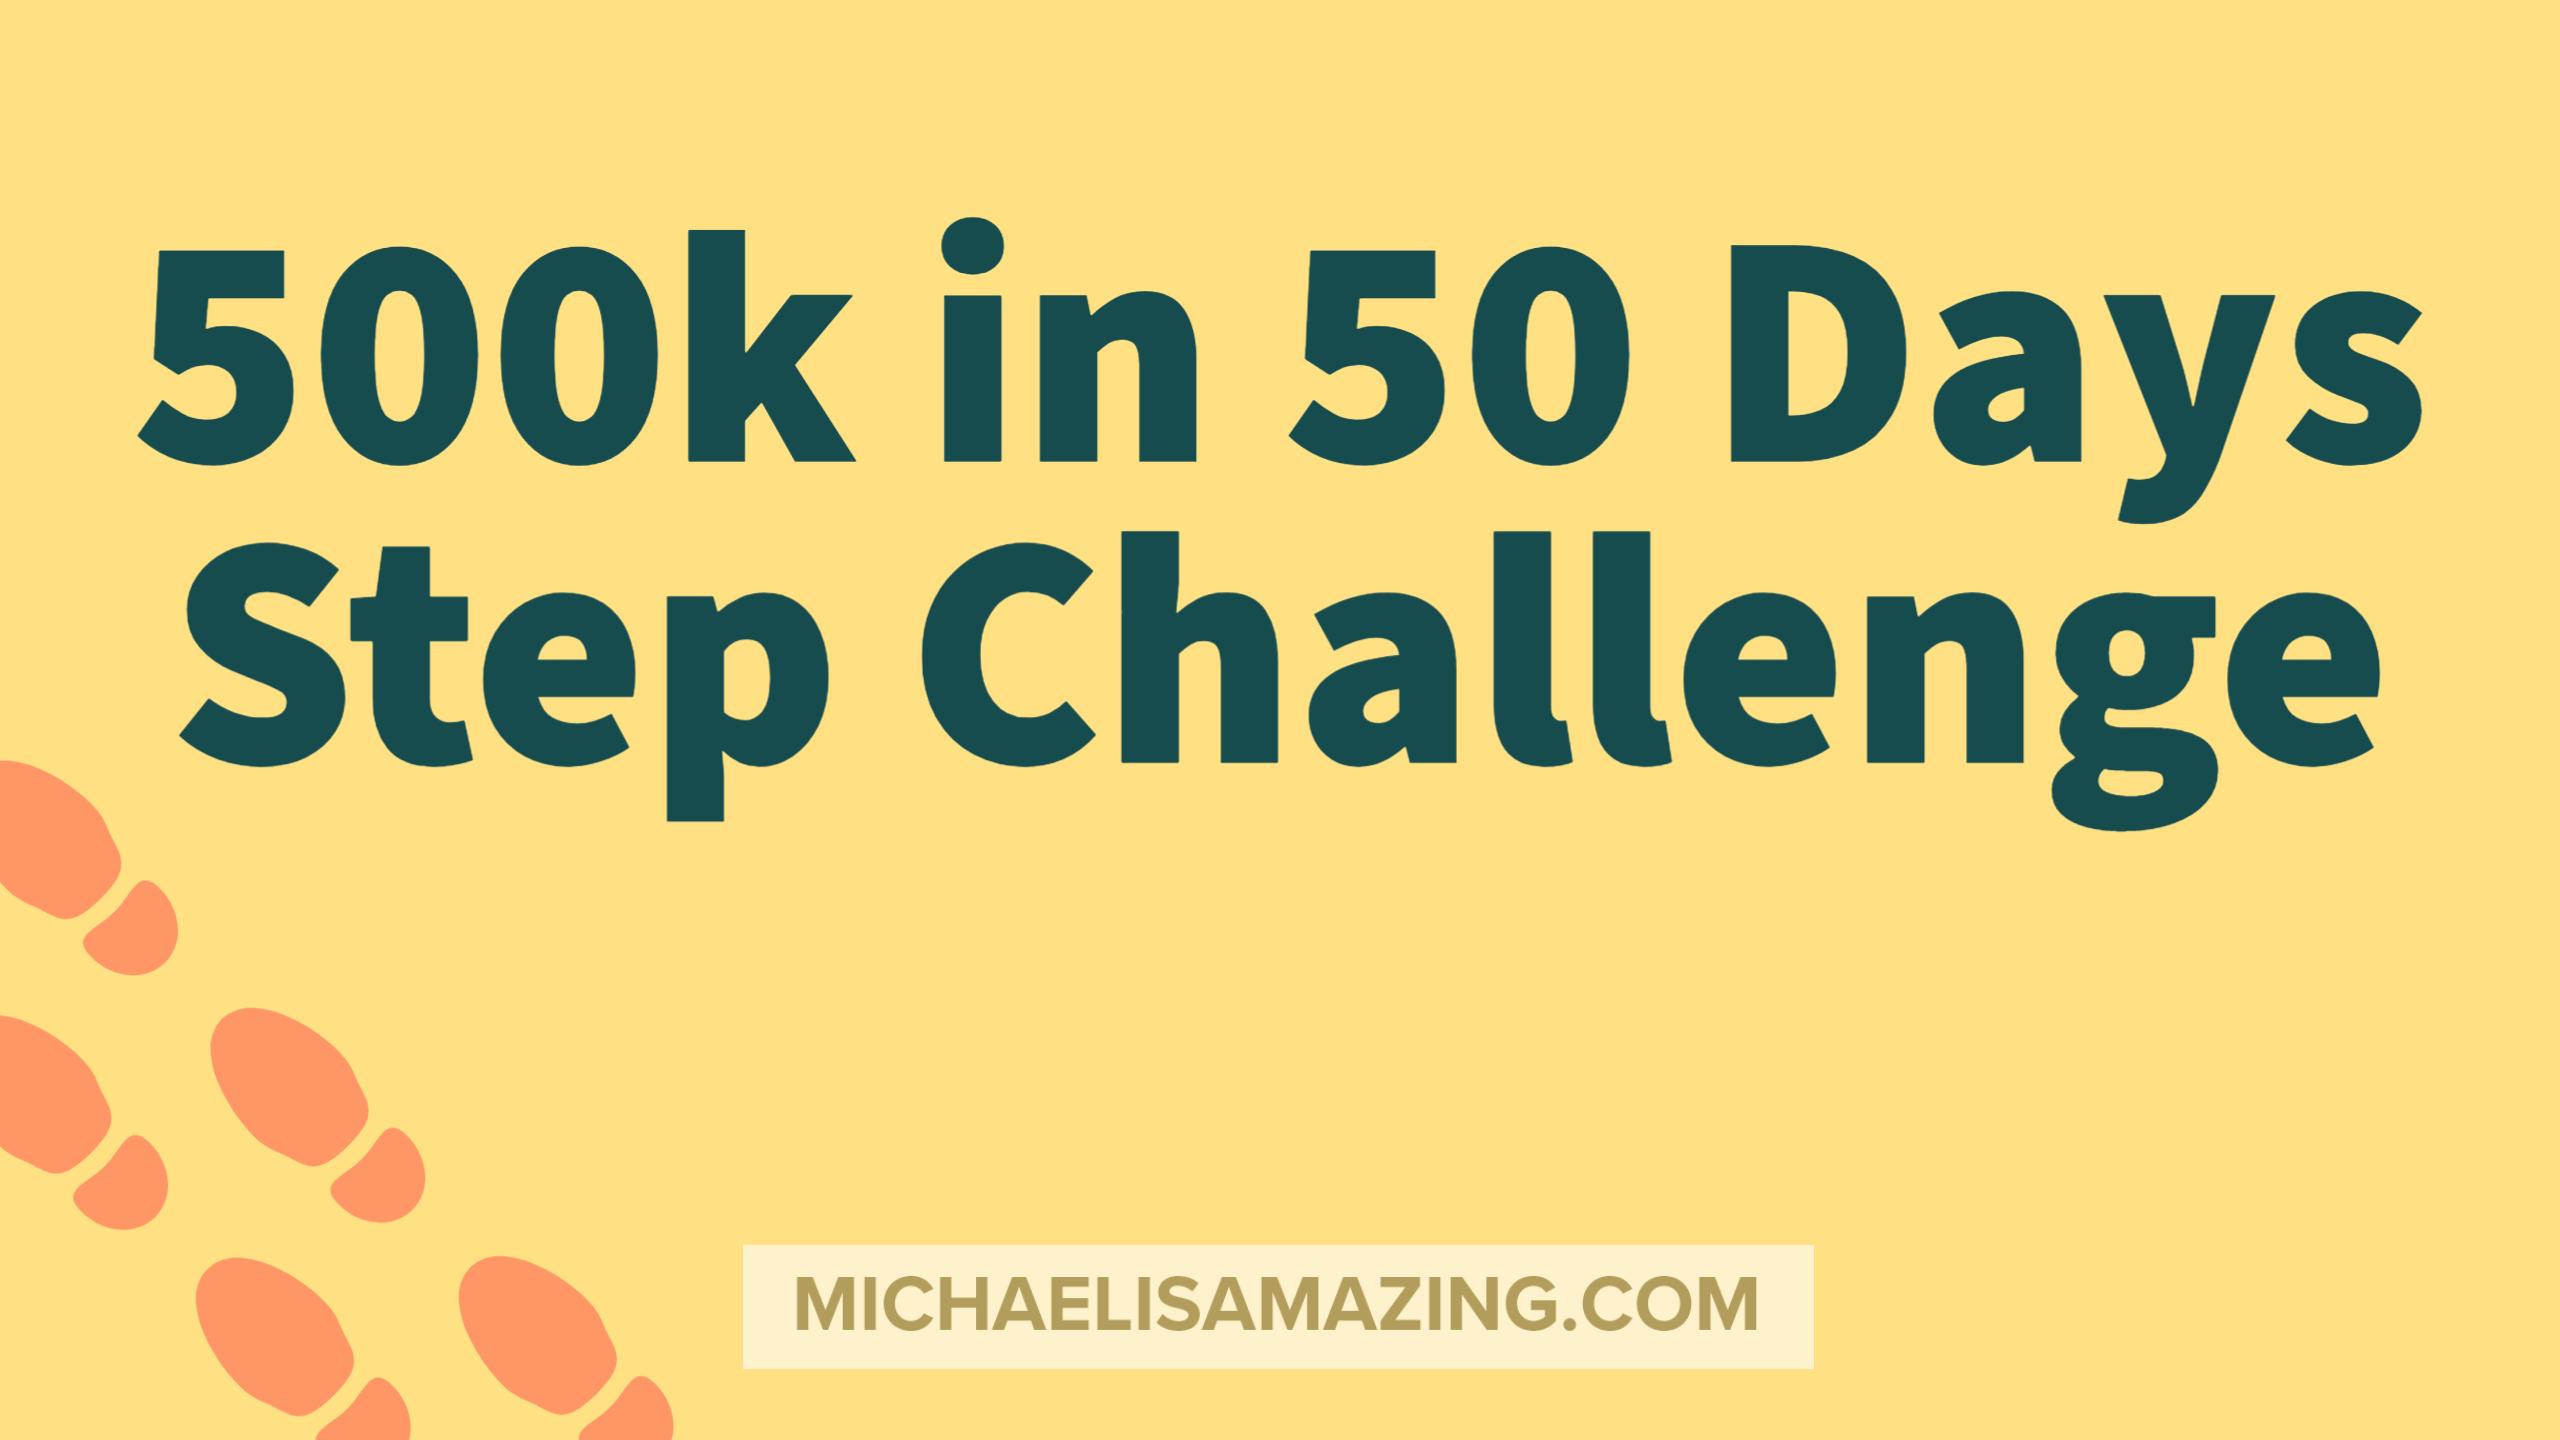 500k in 50 Days Step Challenge